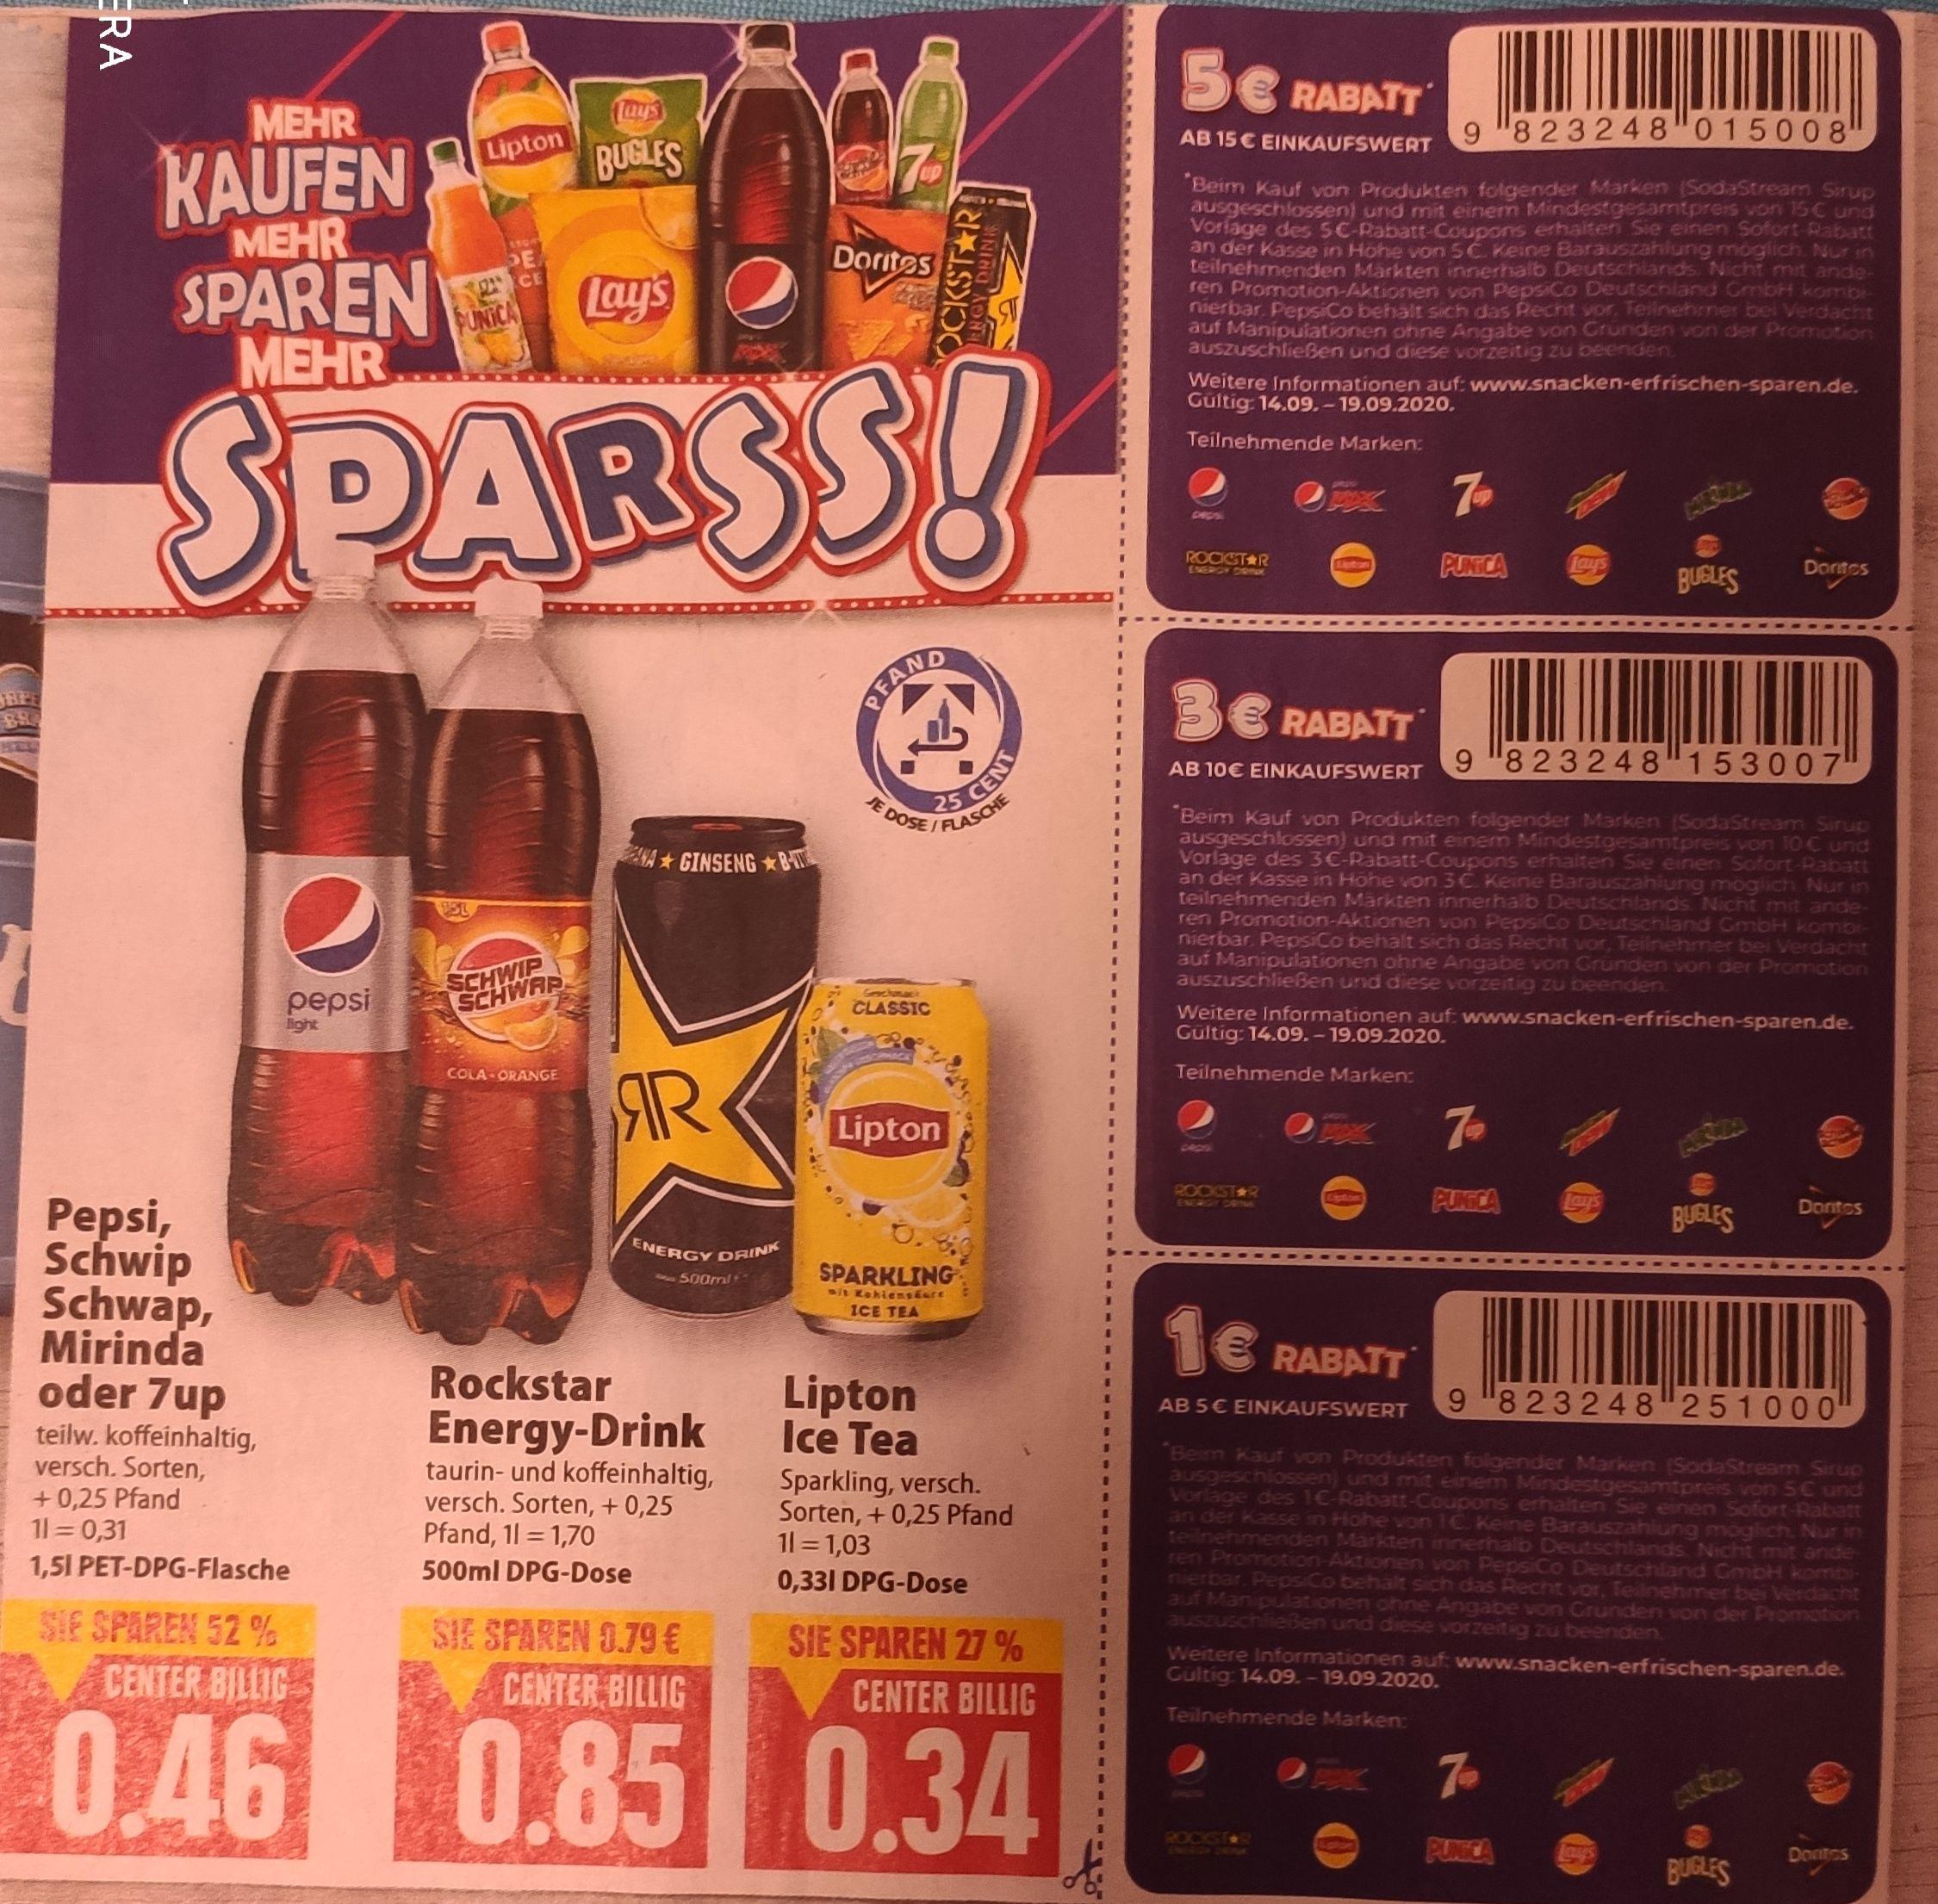 [Edeka (Center) Minden-Hannover] 45x Lipton Sparkling Dose mit Prospektcoupon für 10,30€ (Stückpreis = 0,22€) und weitere Kombinationen